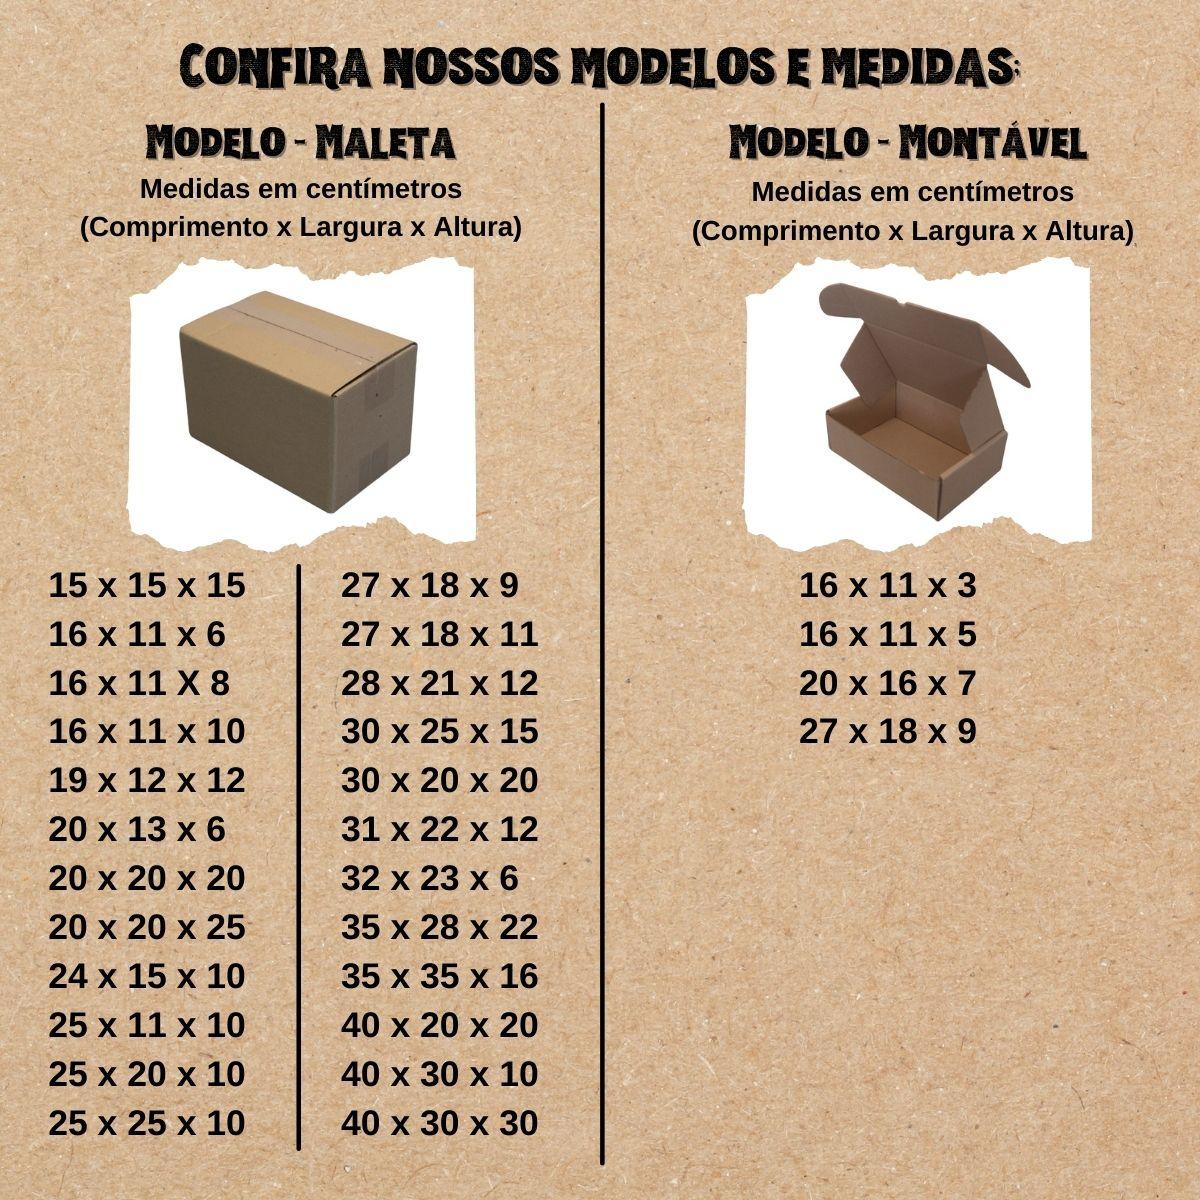 150 Caixas de Papelao (30X20X20)cm - Sedex / Pac / Correios